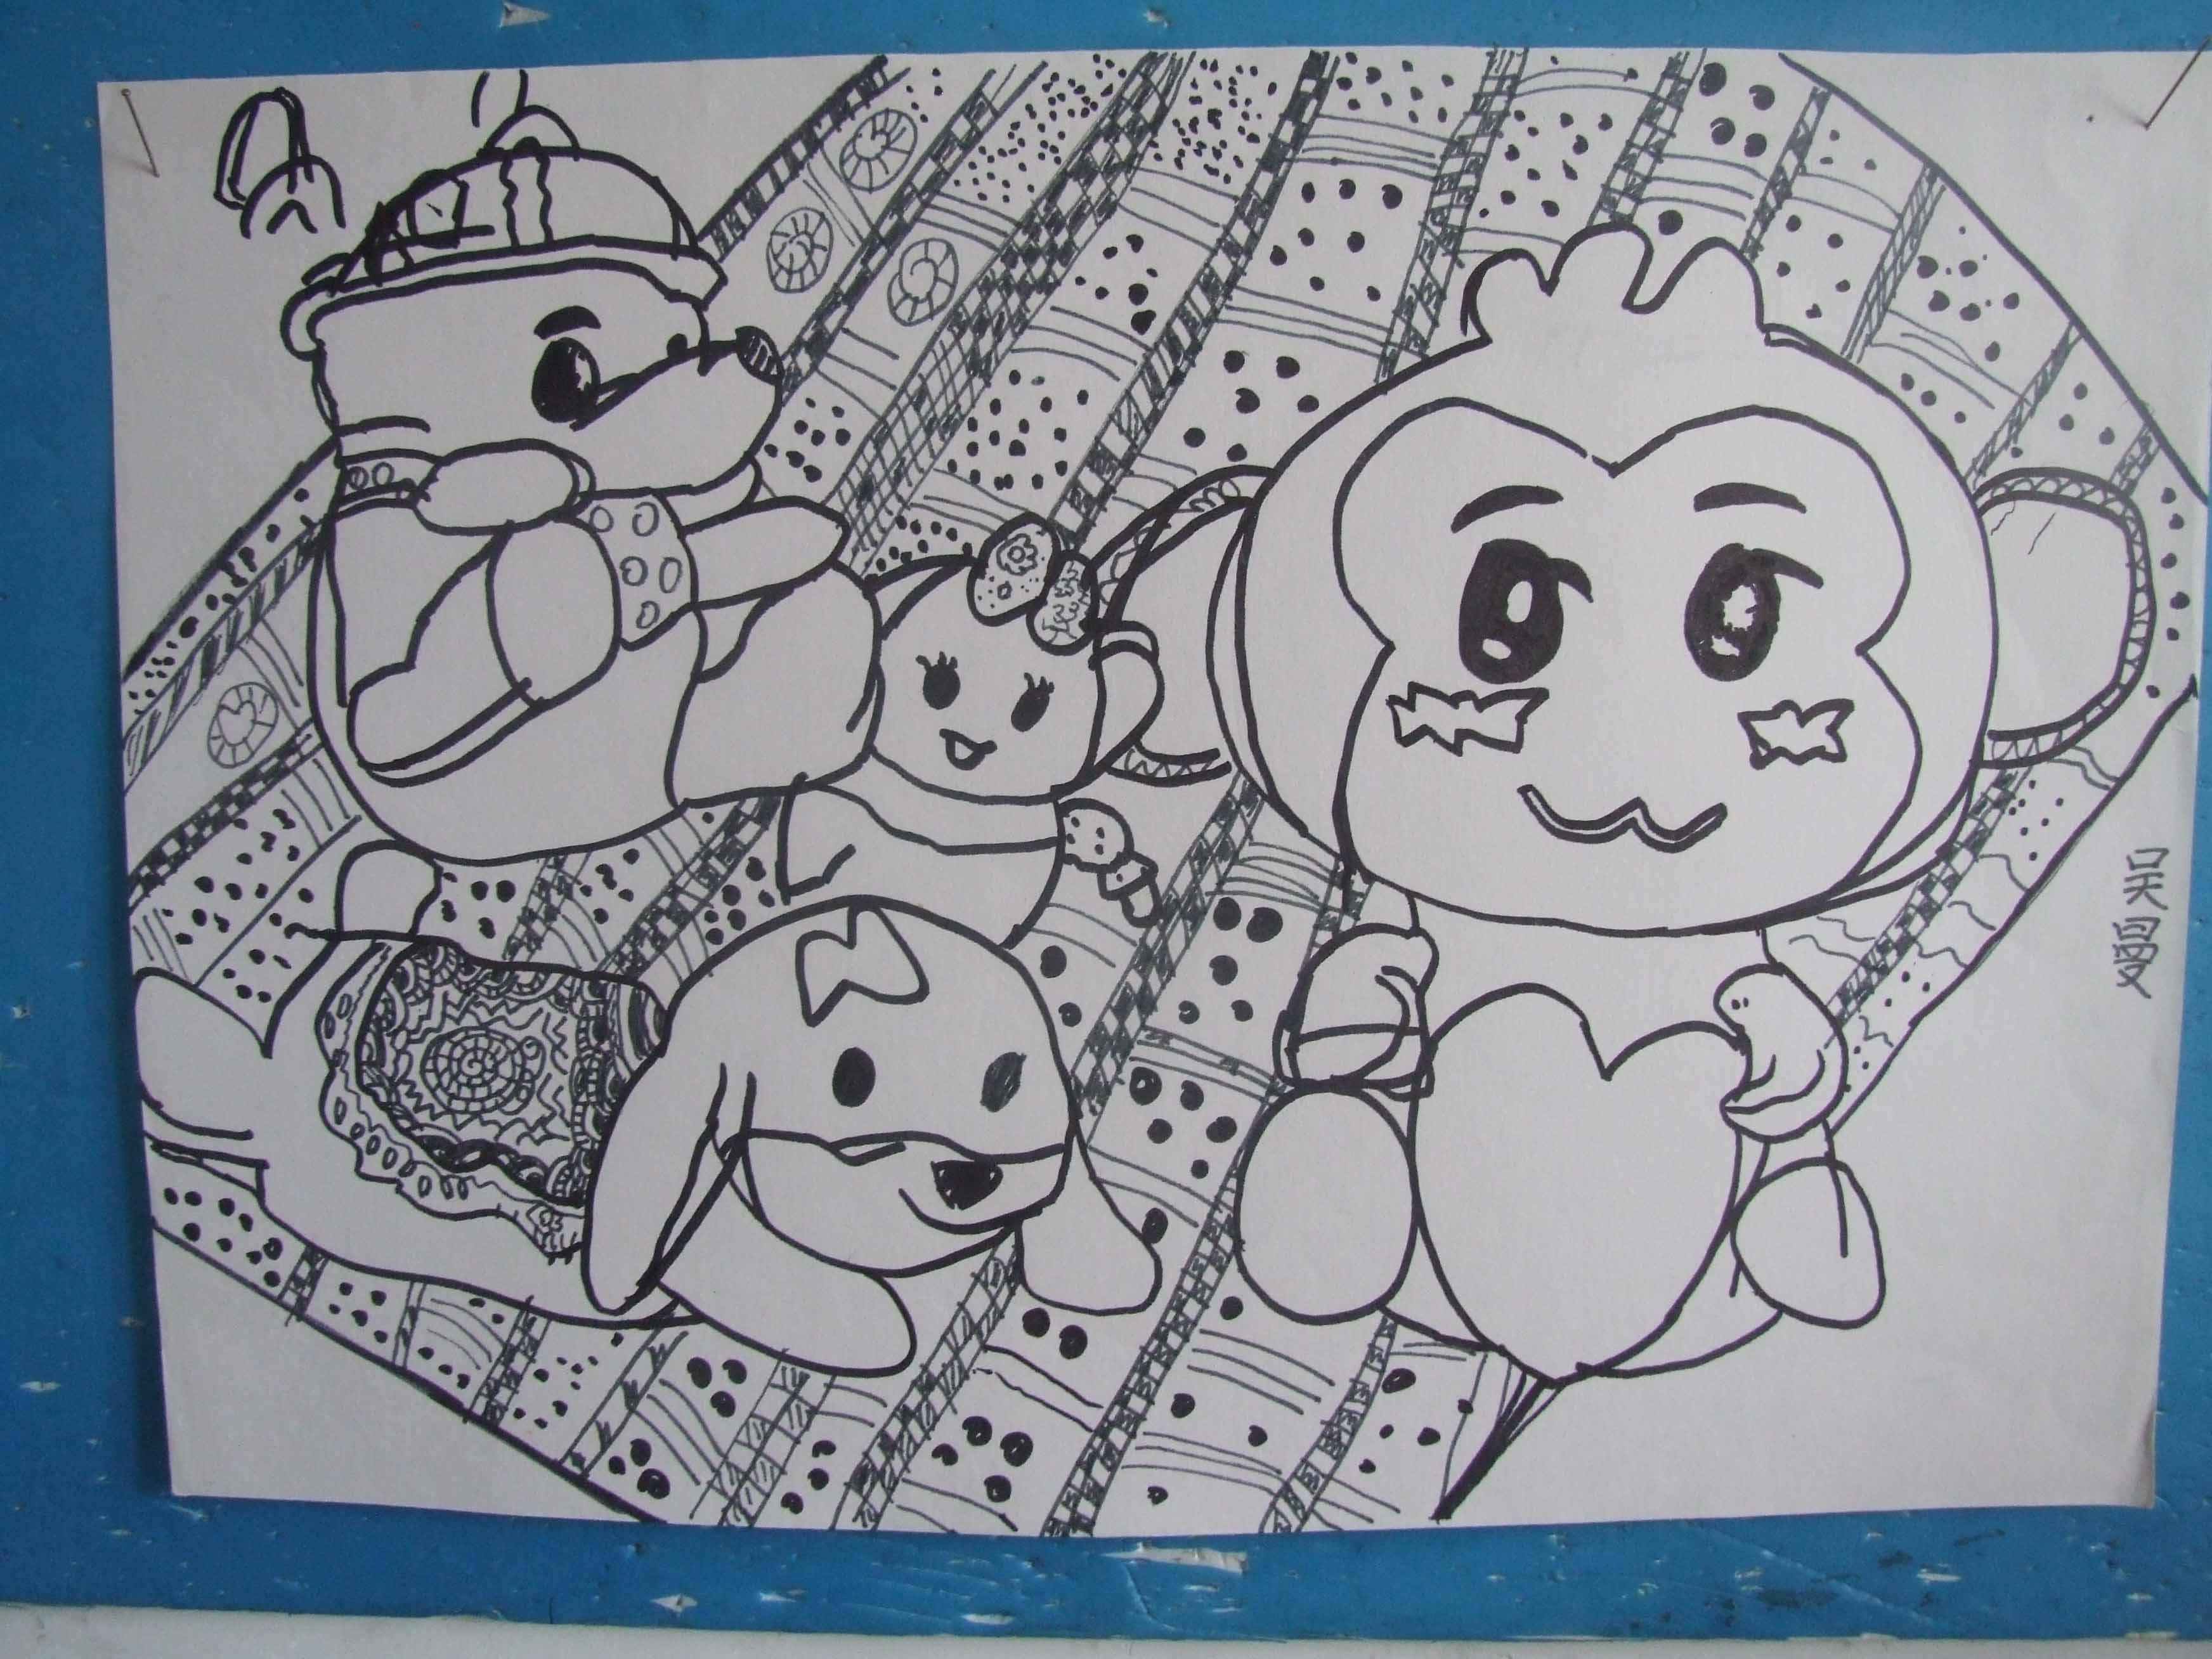 儿童画 简笔画 手绘 线稿 320_426 竖版 竖屏